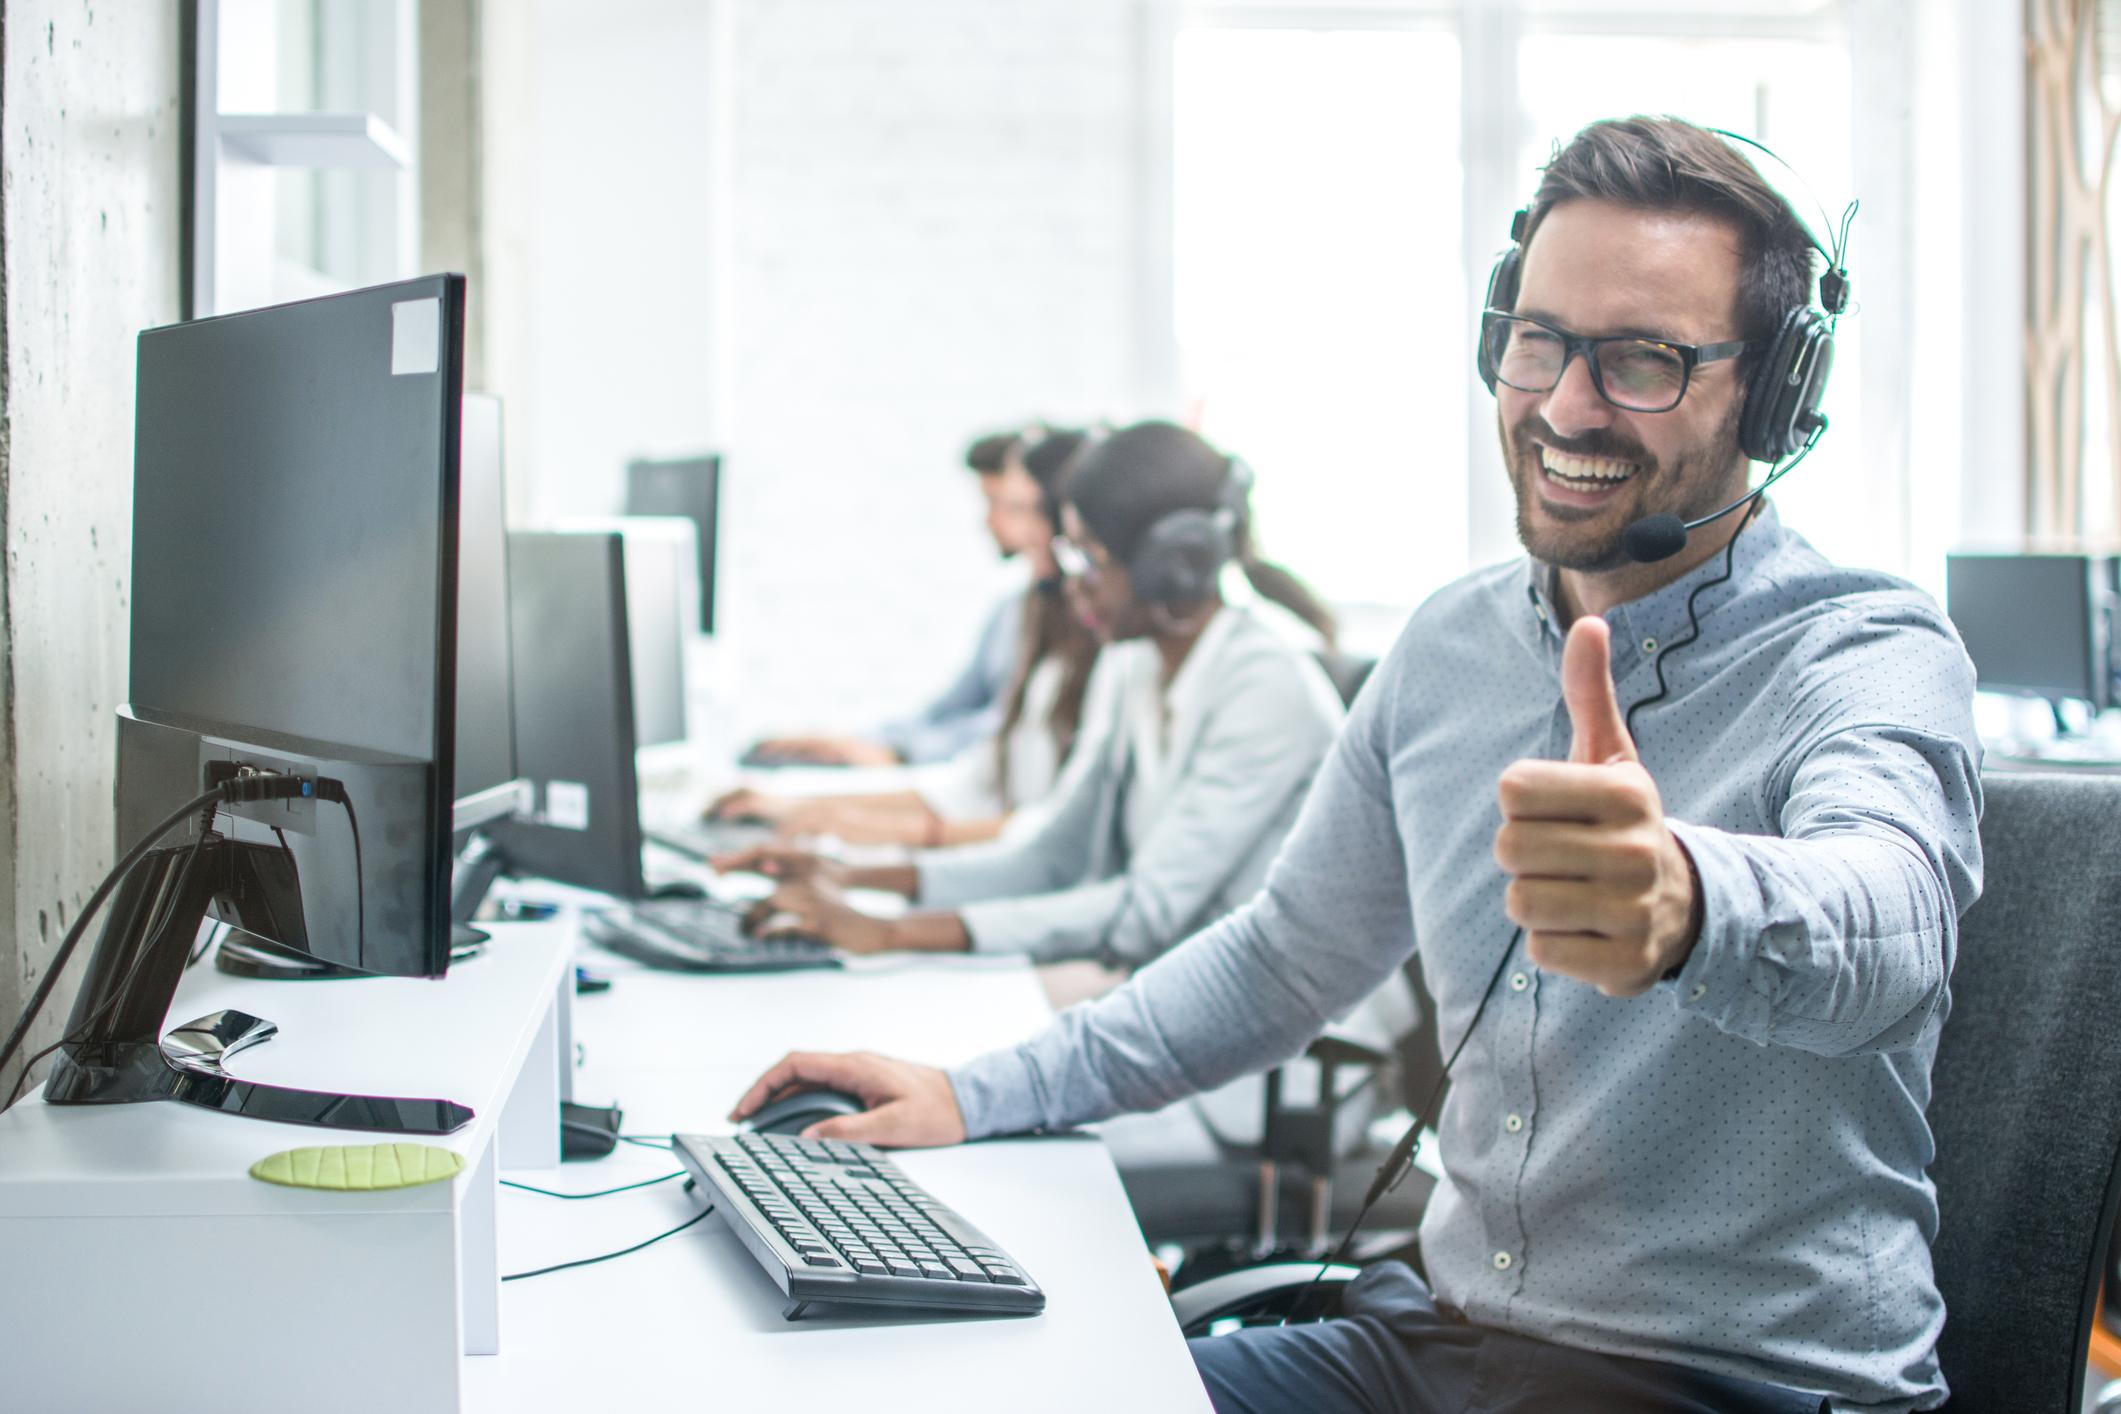 Man at computer giving a thumbs up